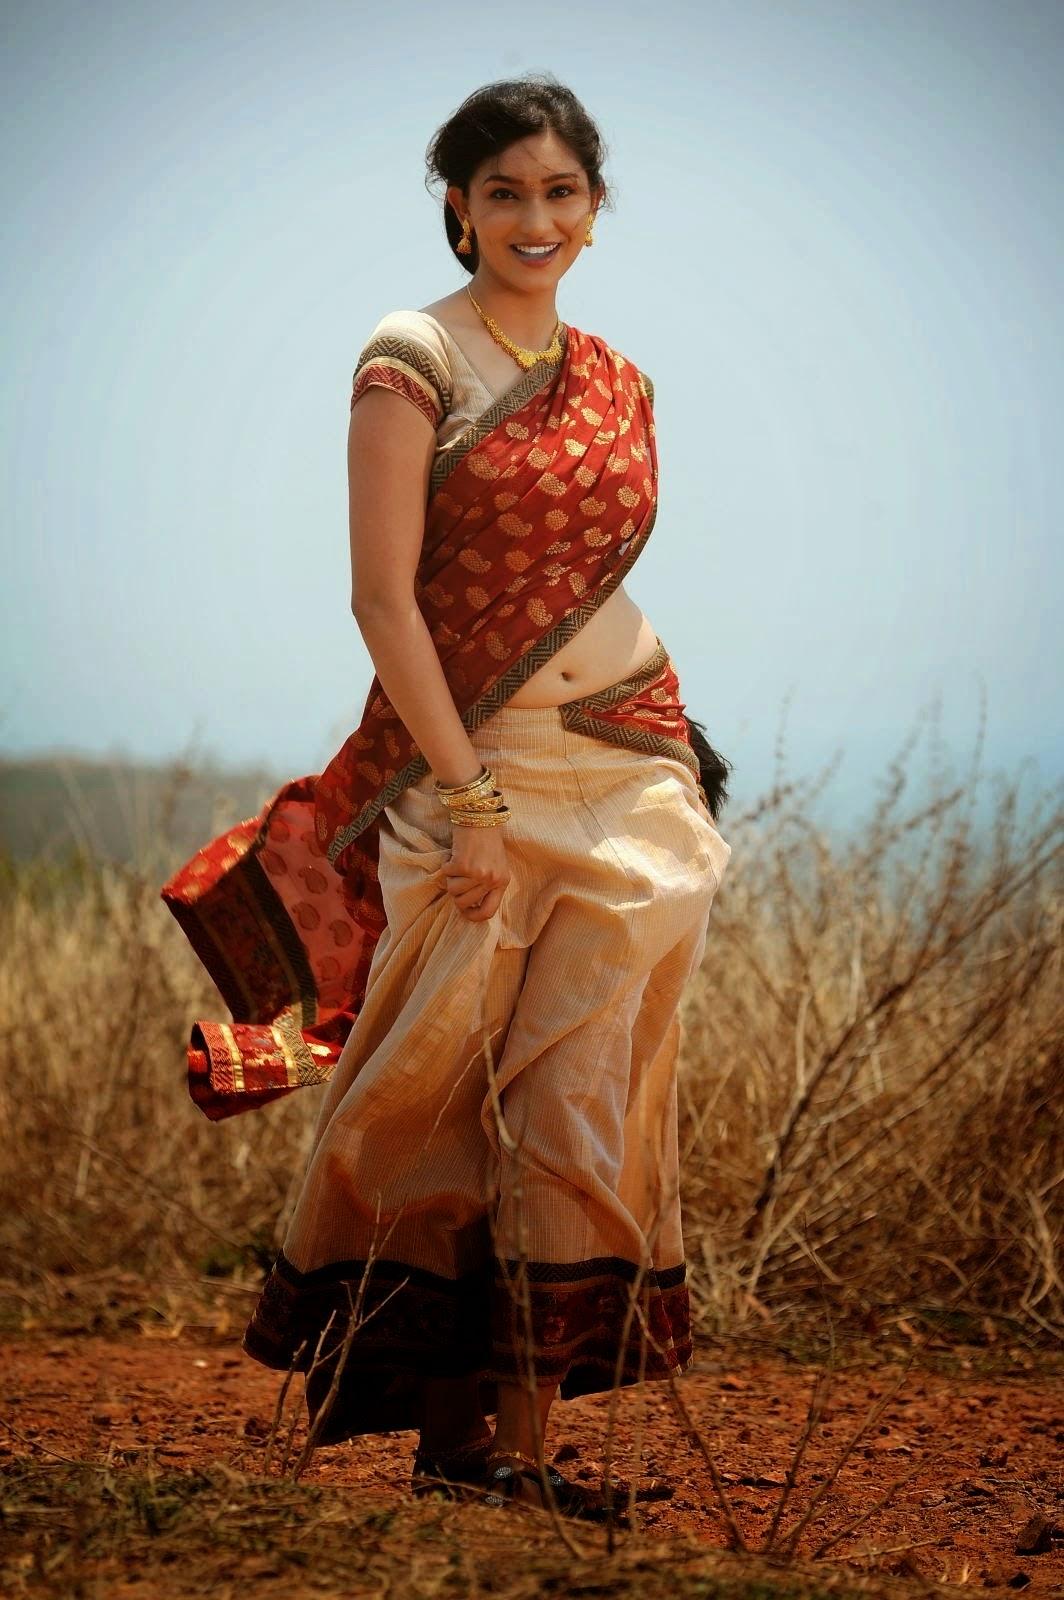 actress Tanvi Vyas hot photos 1 | Bollywood Hot ...